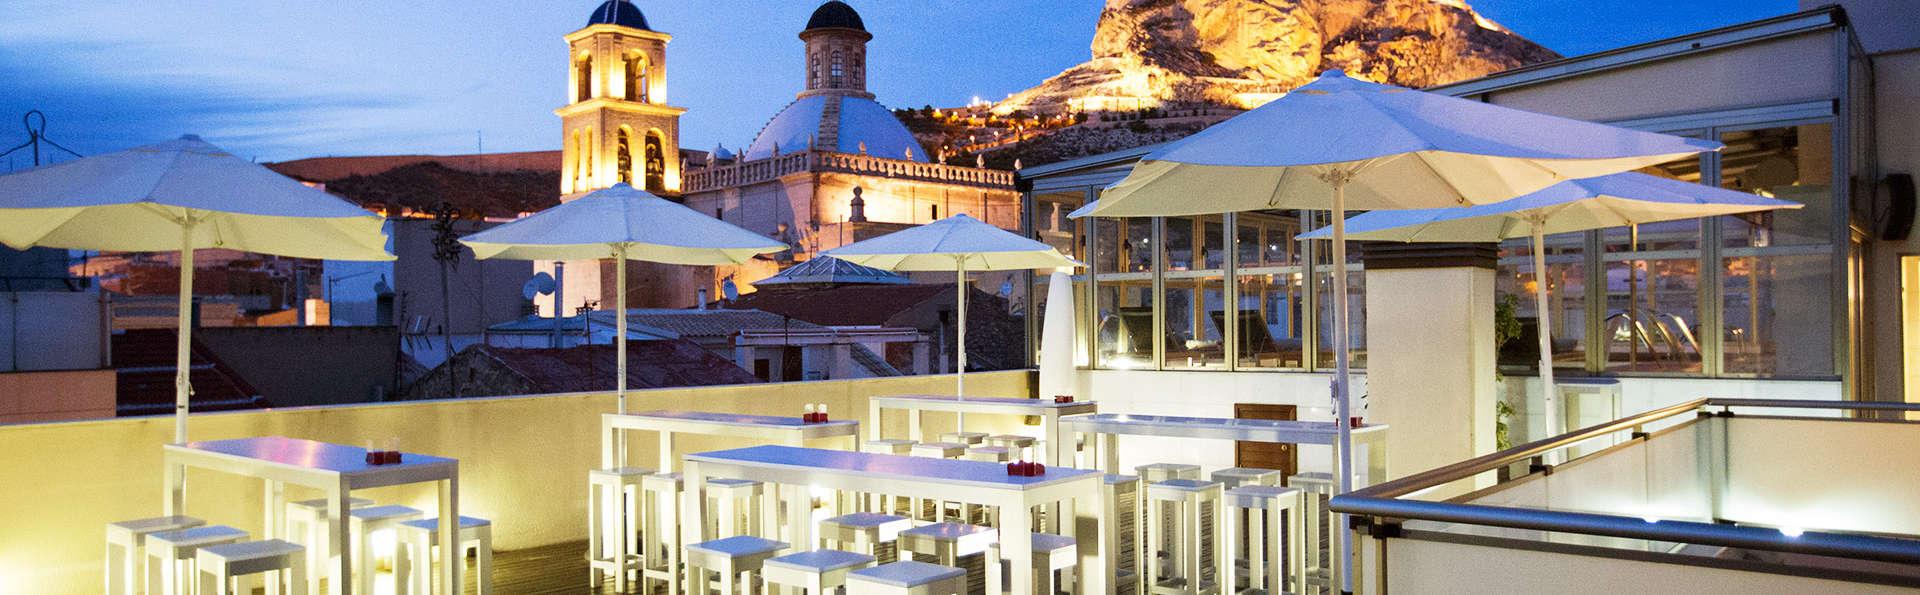 Romanticismo VIP con cena gastronómica, spa y masaje en Alicante